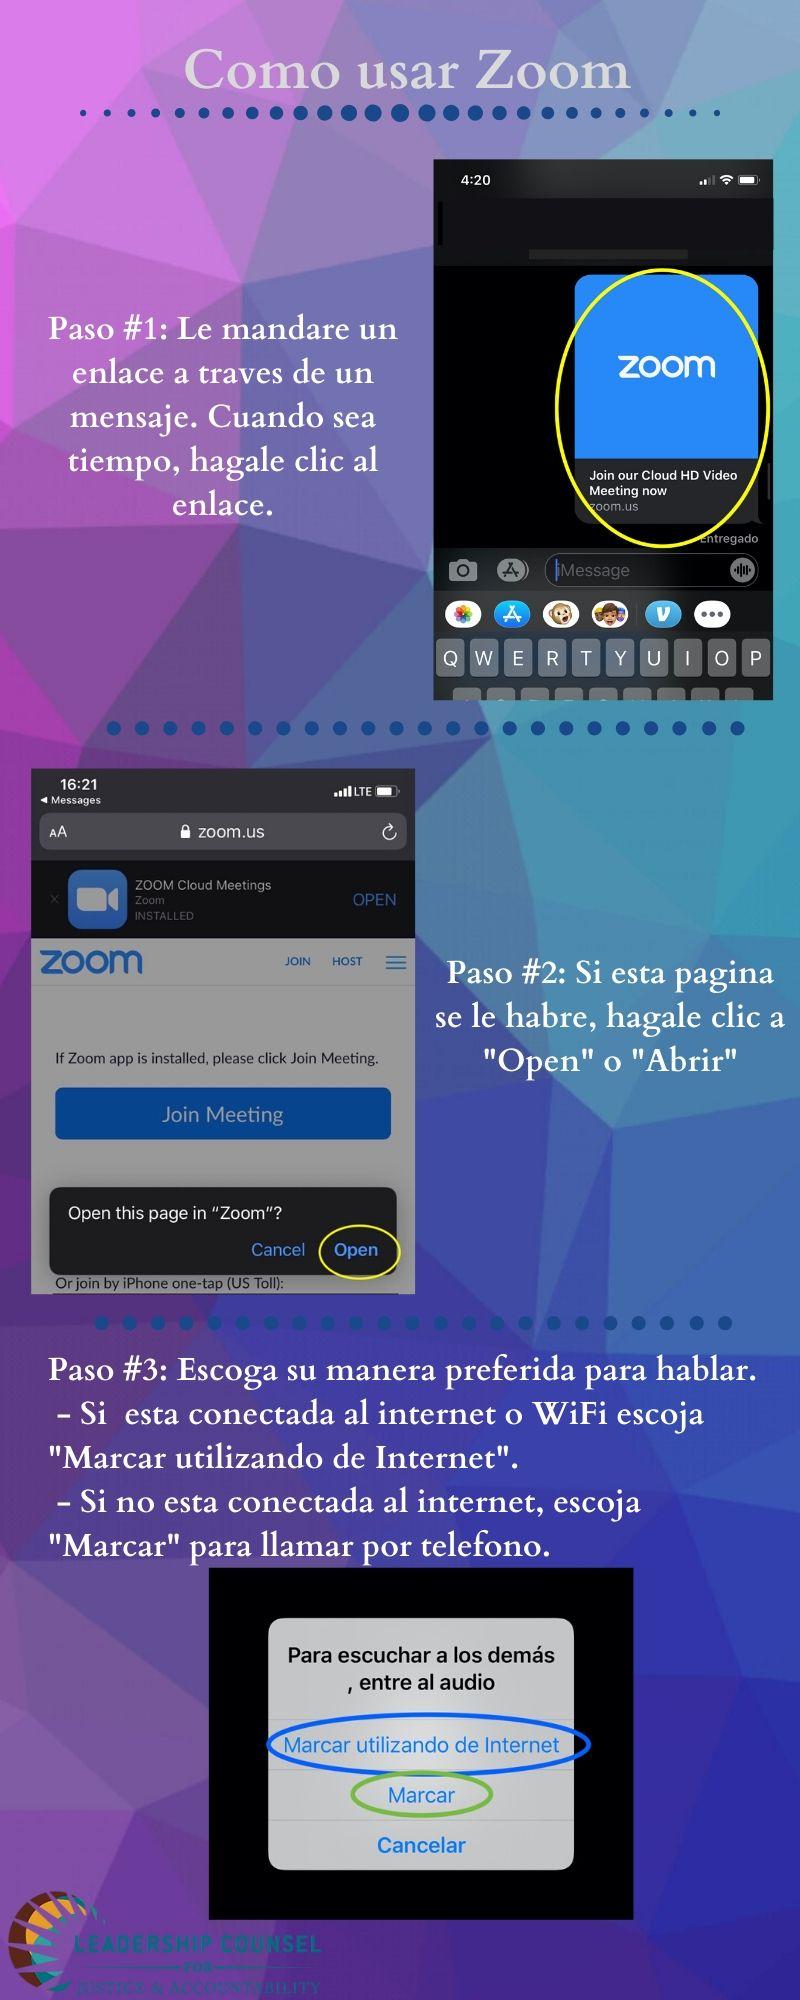 A_Como usar Zoom